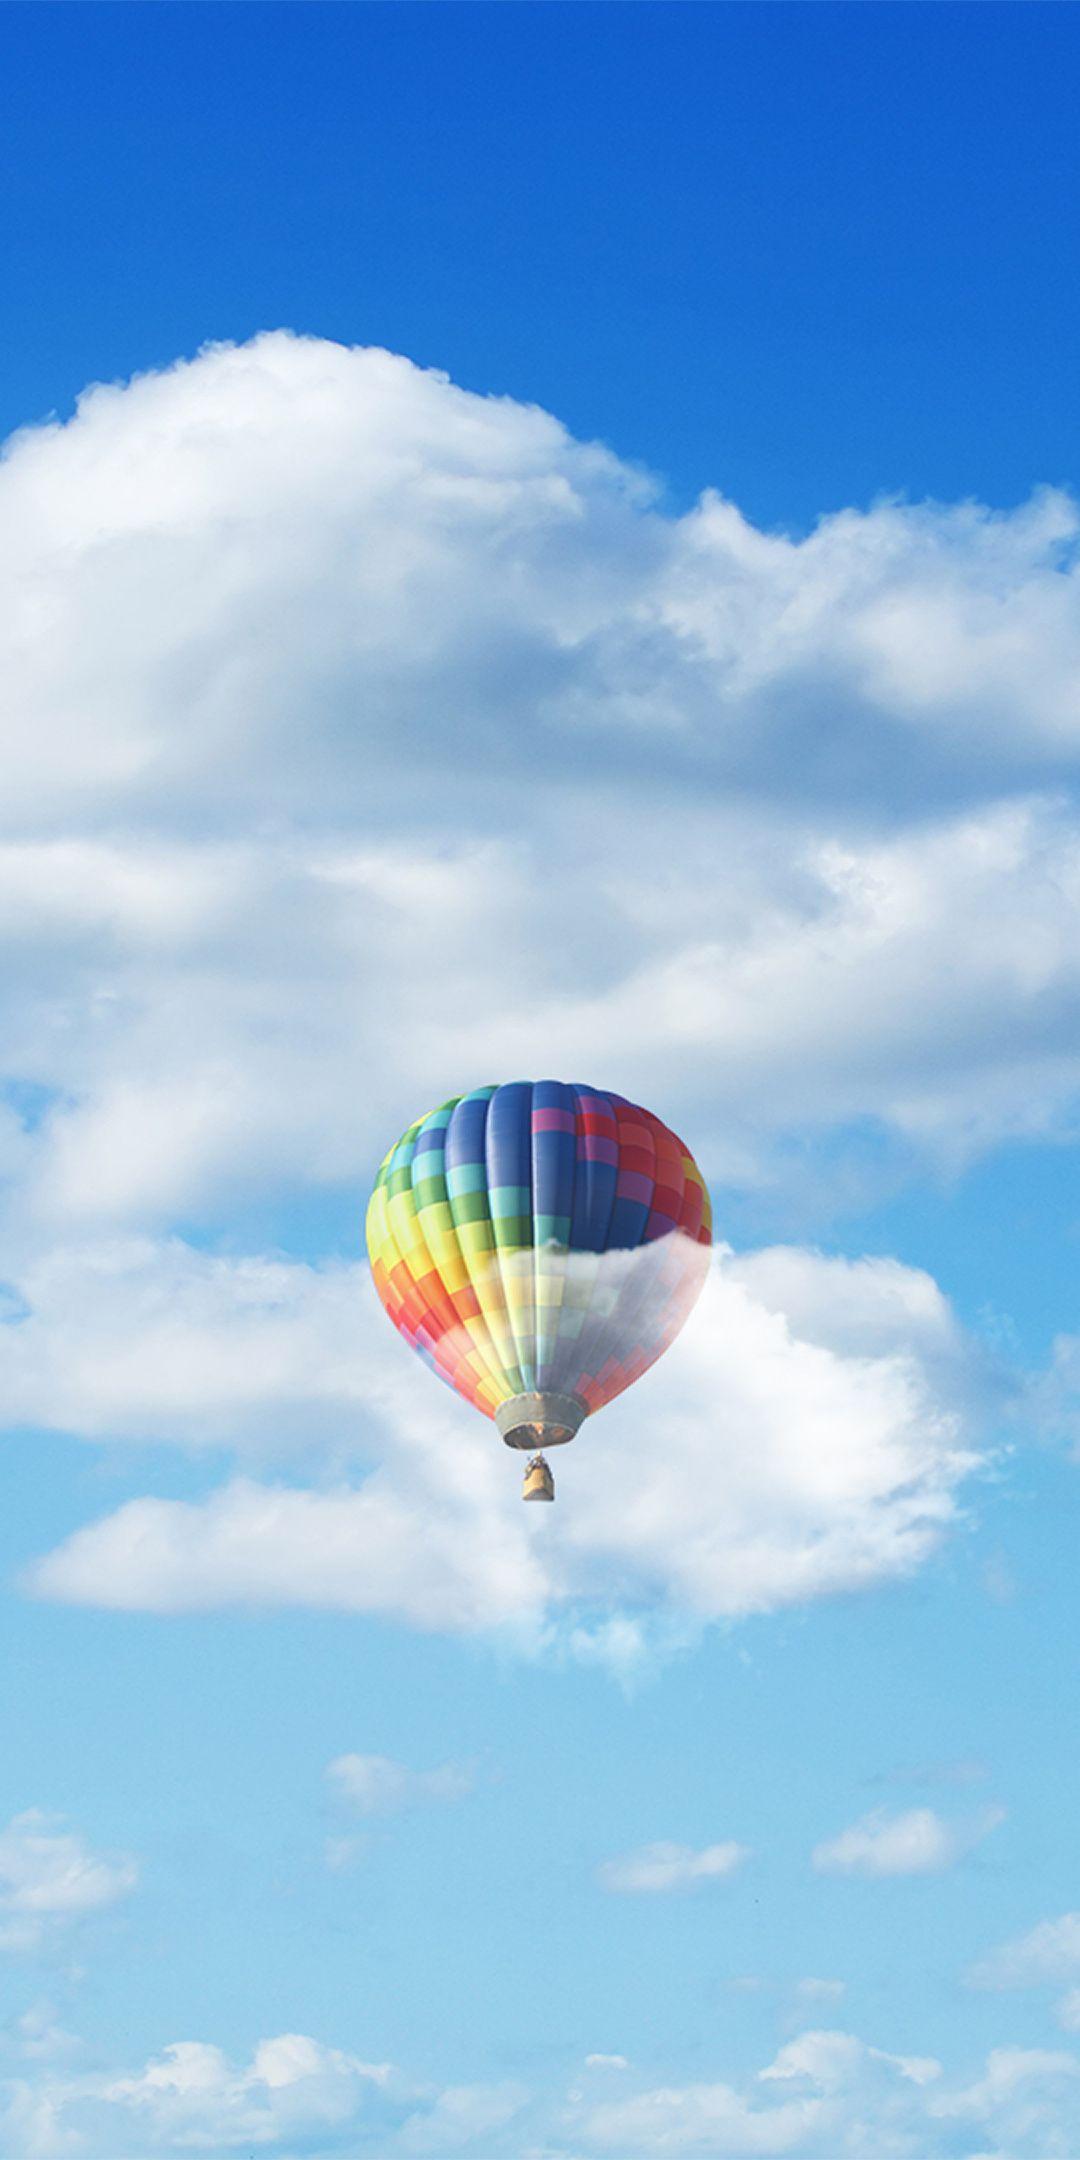 Hot Air Balloons Blue Sky Clouds 1080x2160 Wallpaper Hot Air Balloon Air Balloon Rides Hot Air Balloon Rides